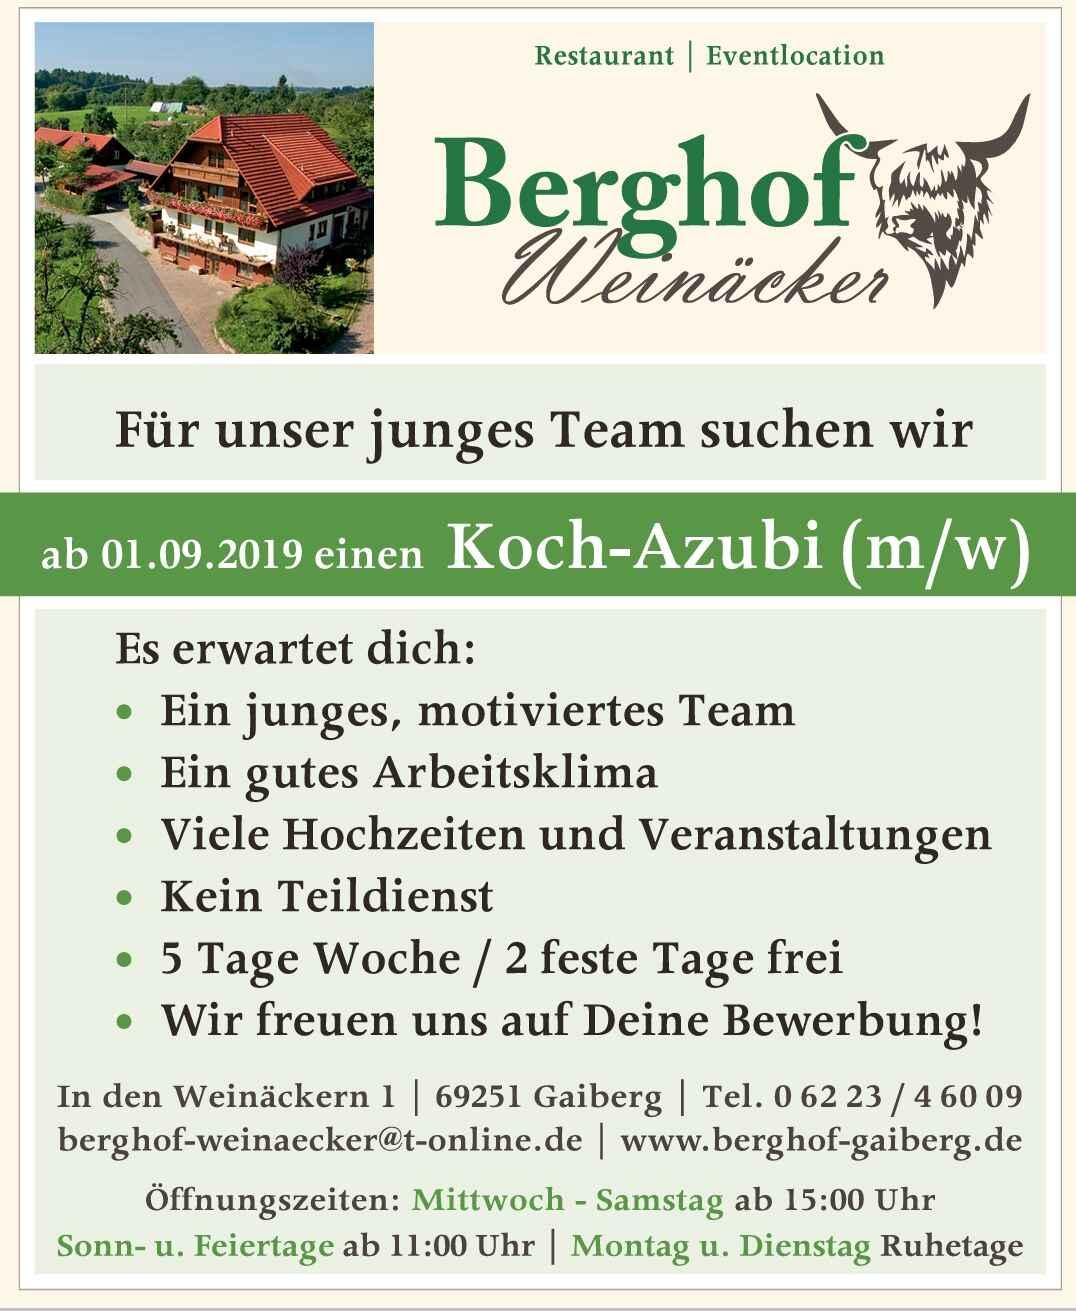 Bild zur Nachricht von Berghof Weinäcker